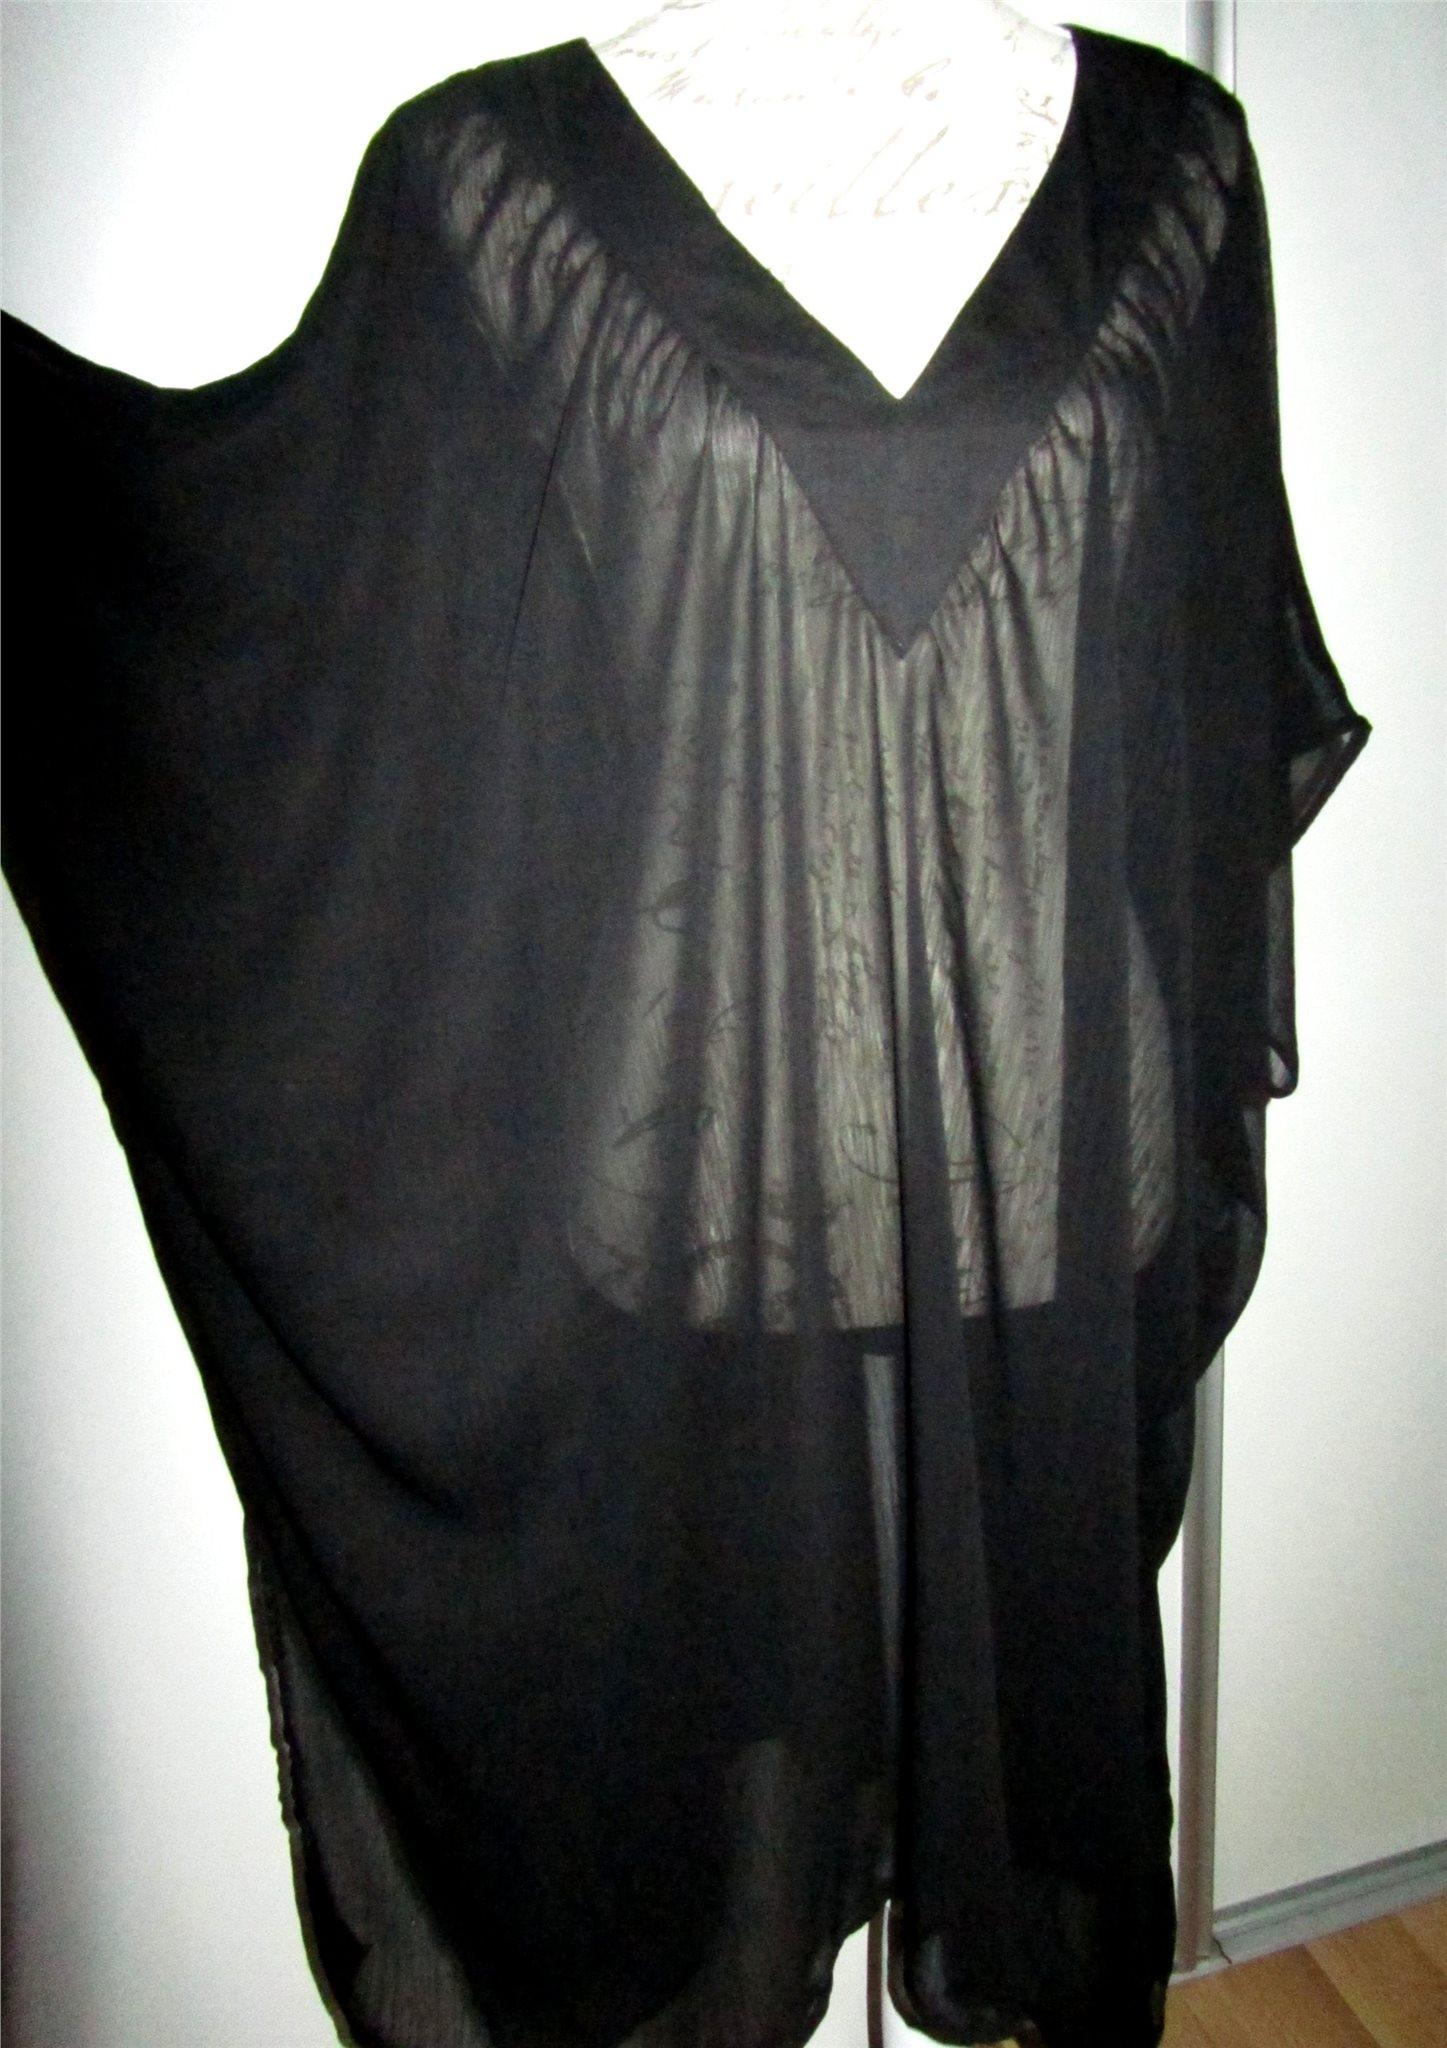 bad9fda191e0 H&M vacker tunika/ klänning/ Slapp /Ledig / N.. (340985083) ᐈ Köp ...